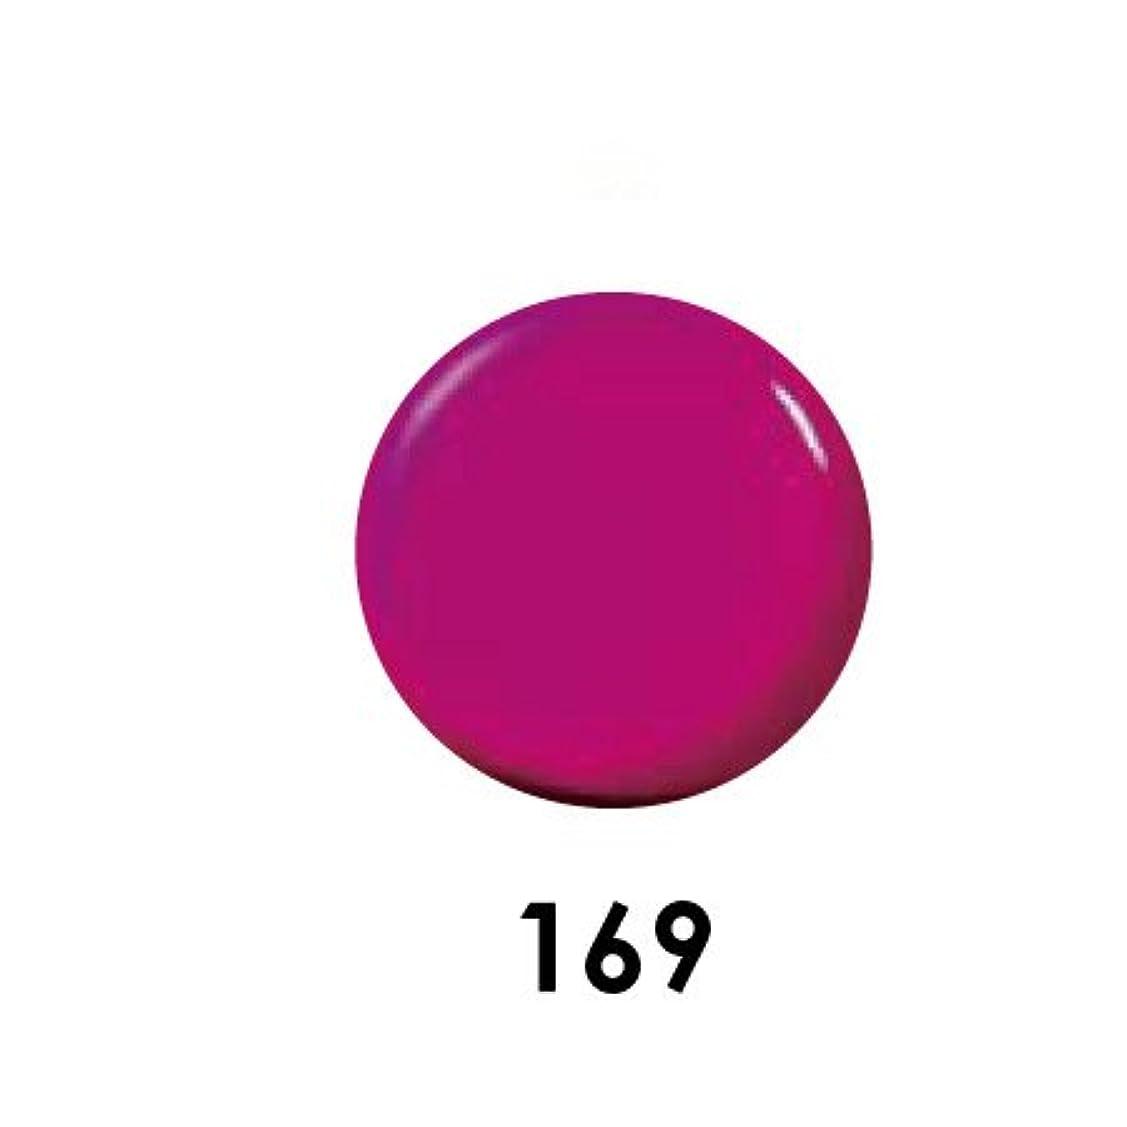 耕すガード着飾るPutiel プティール カラージェル 169 ラテンピンク 2g (MARIEプロデュース)